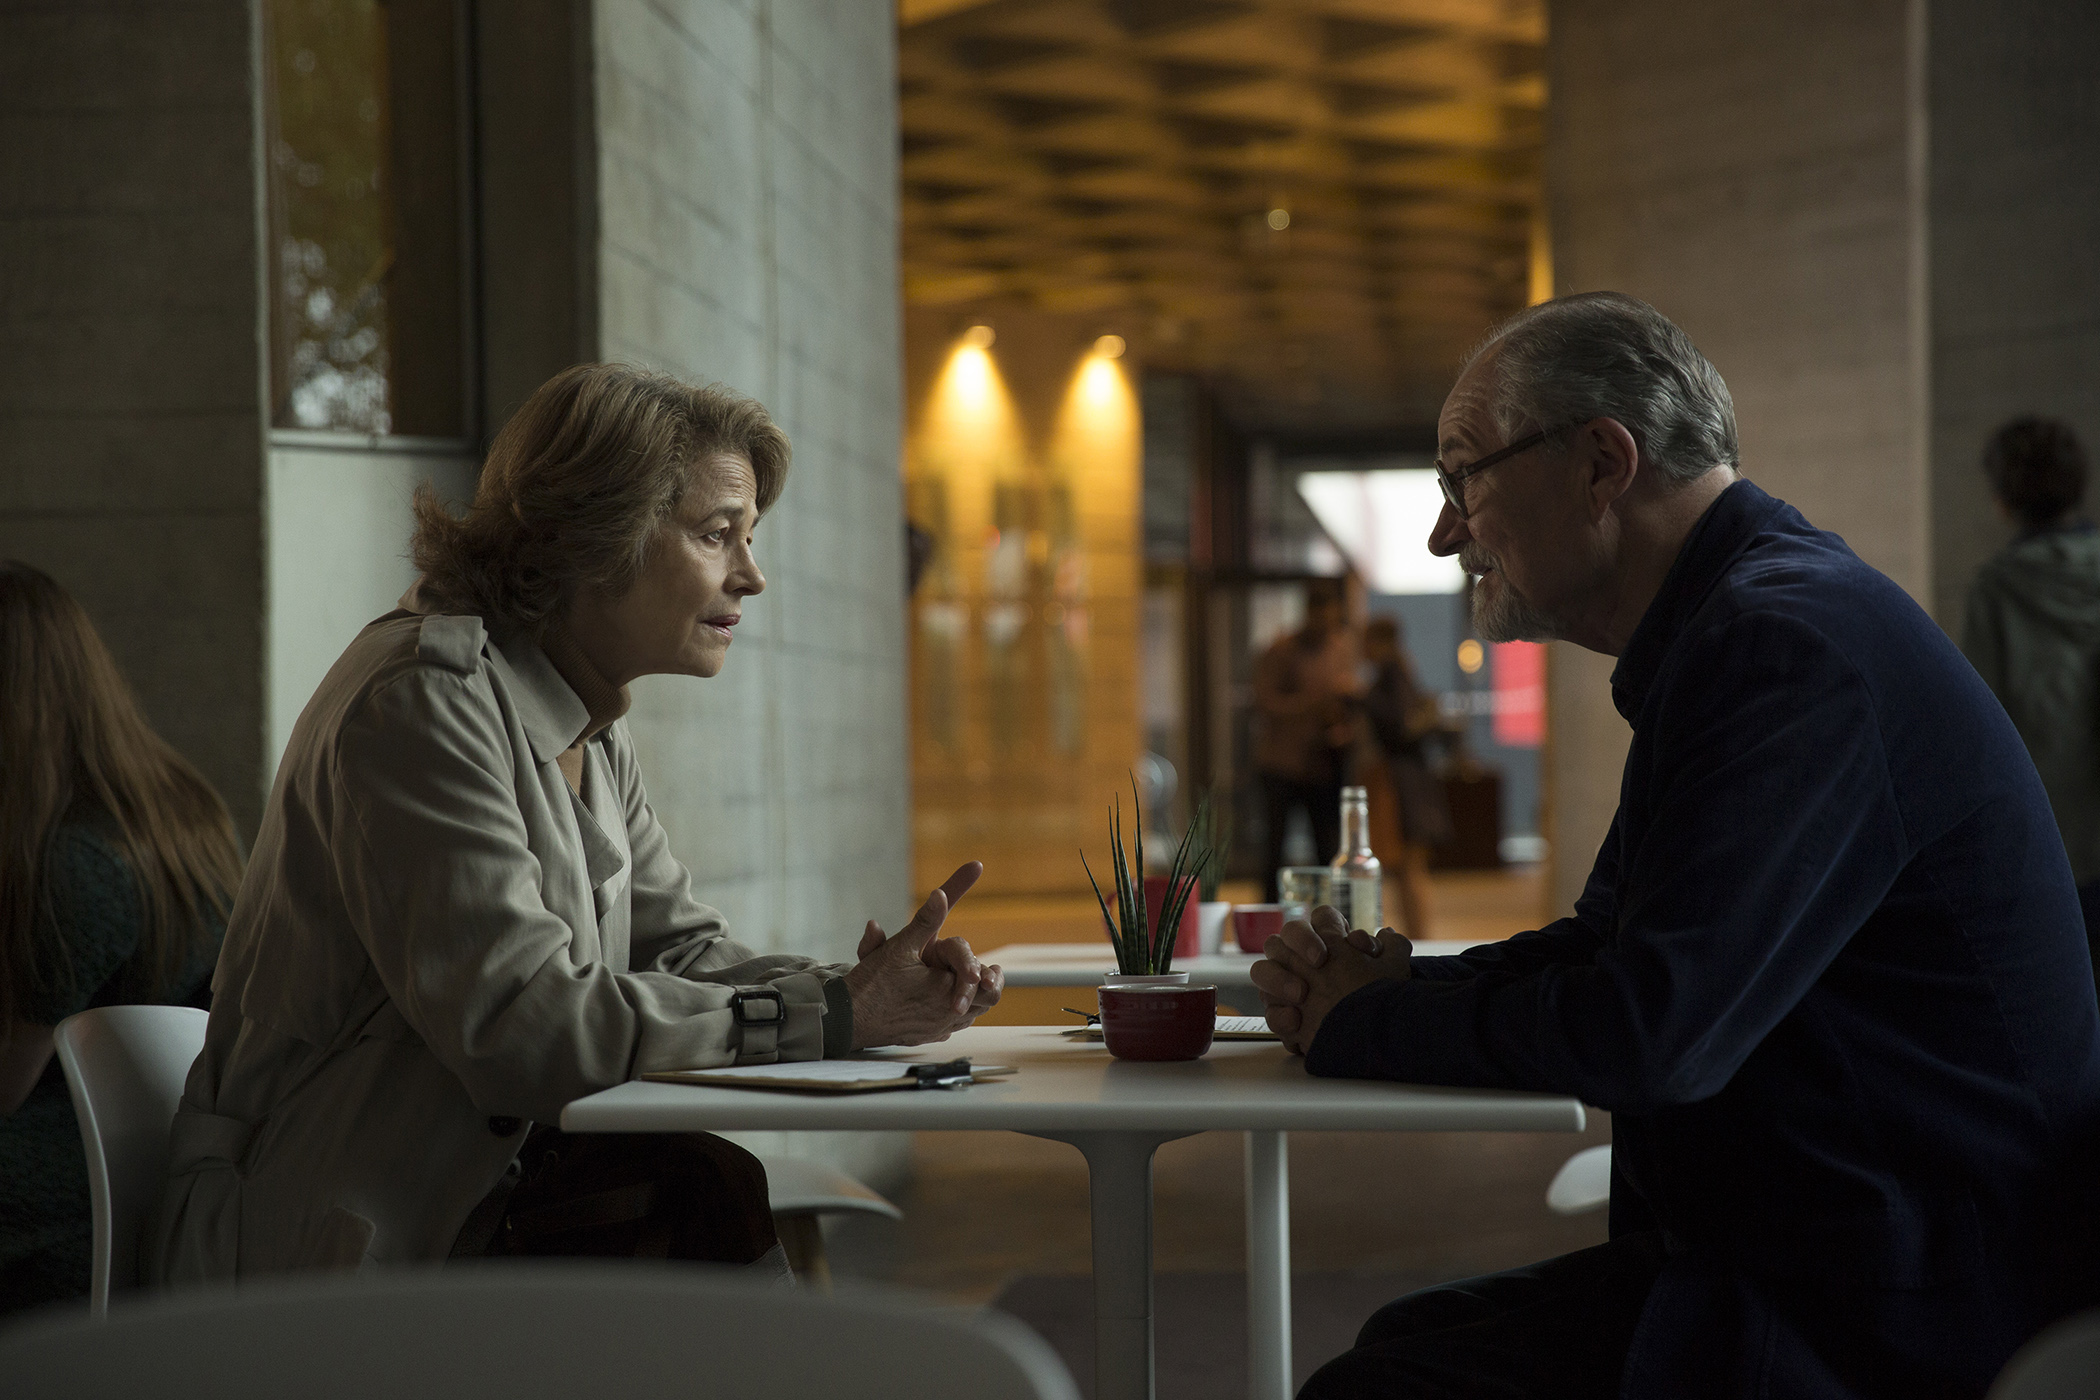 Sannhetens øyeblikk for Tony (Jim Broadbent) skjer da han treffer igjen sin ungdoms flamme i skikkelse av den eldre Veronica (Charlotte Rampling).